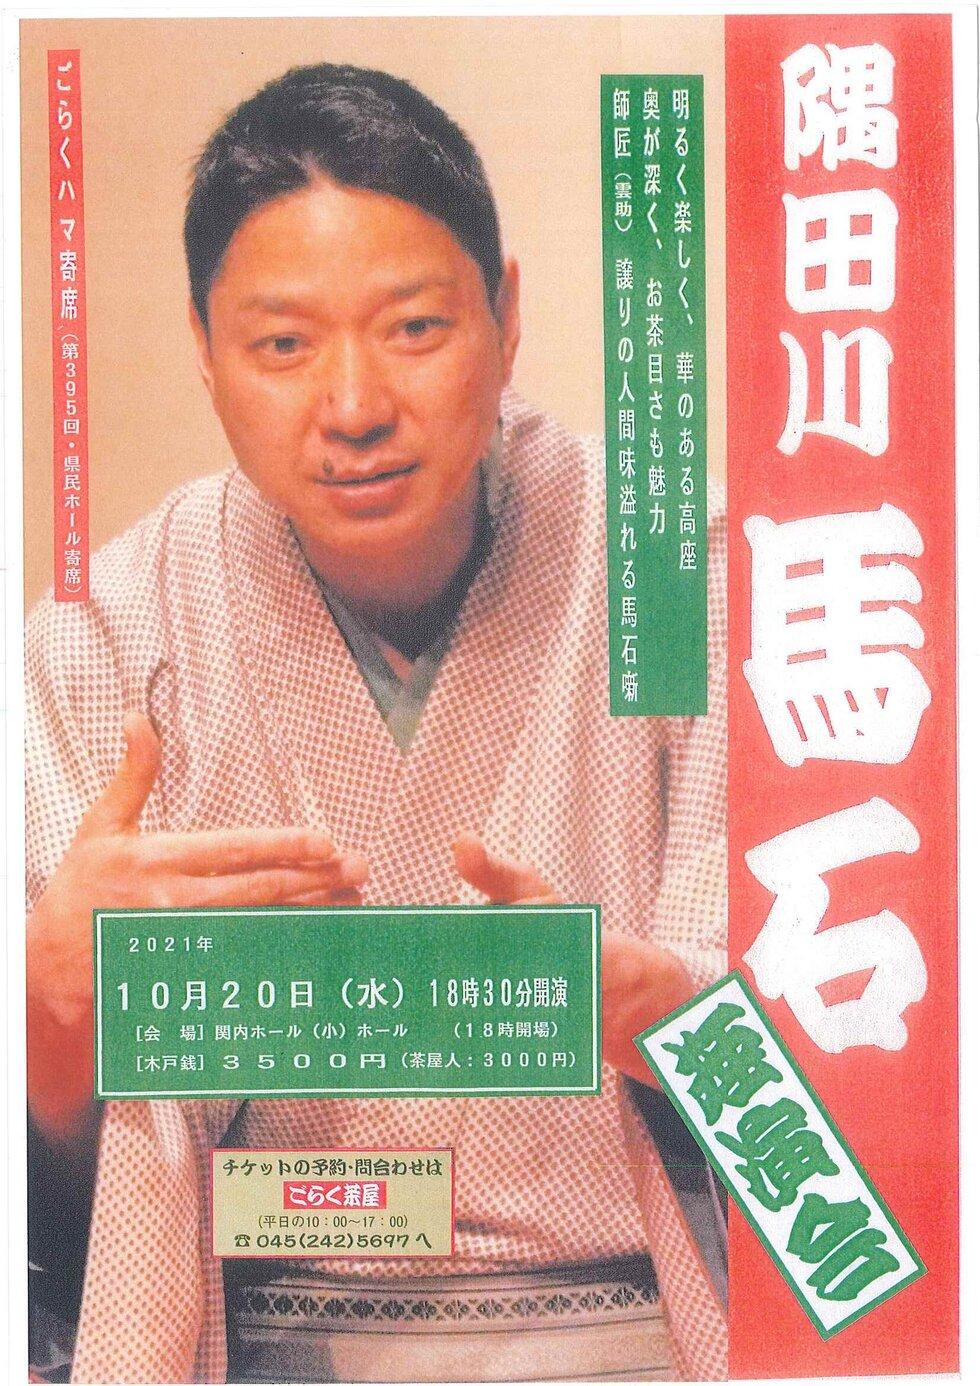 ごらくハマ寄席(第395回・県民ホール寄席)隅田川馬石 独演会の写真